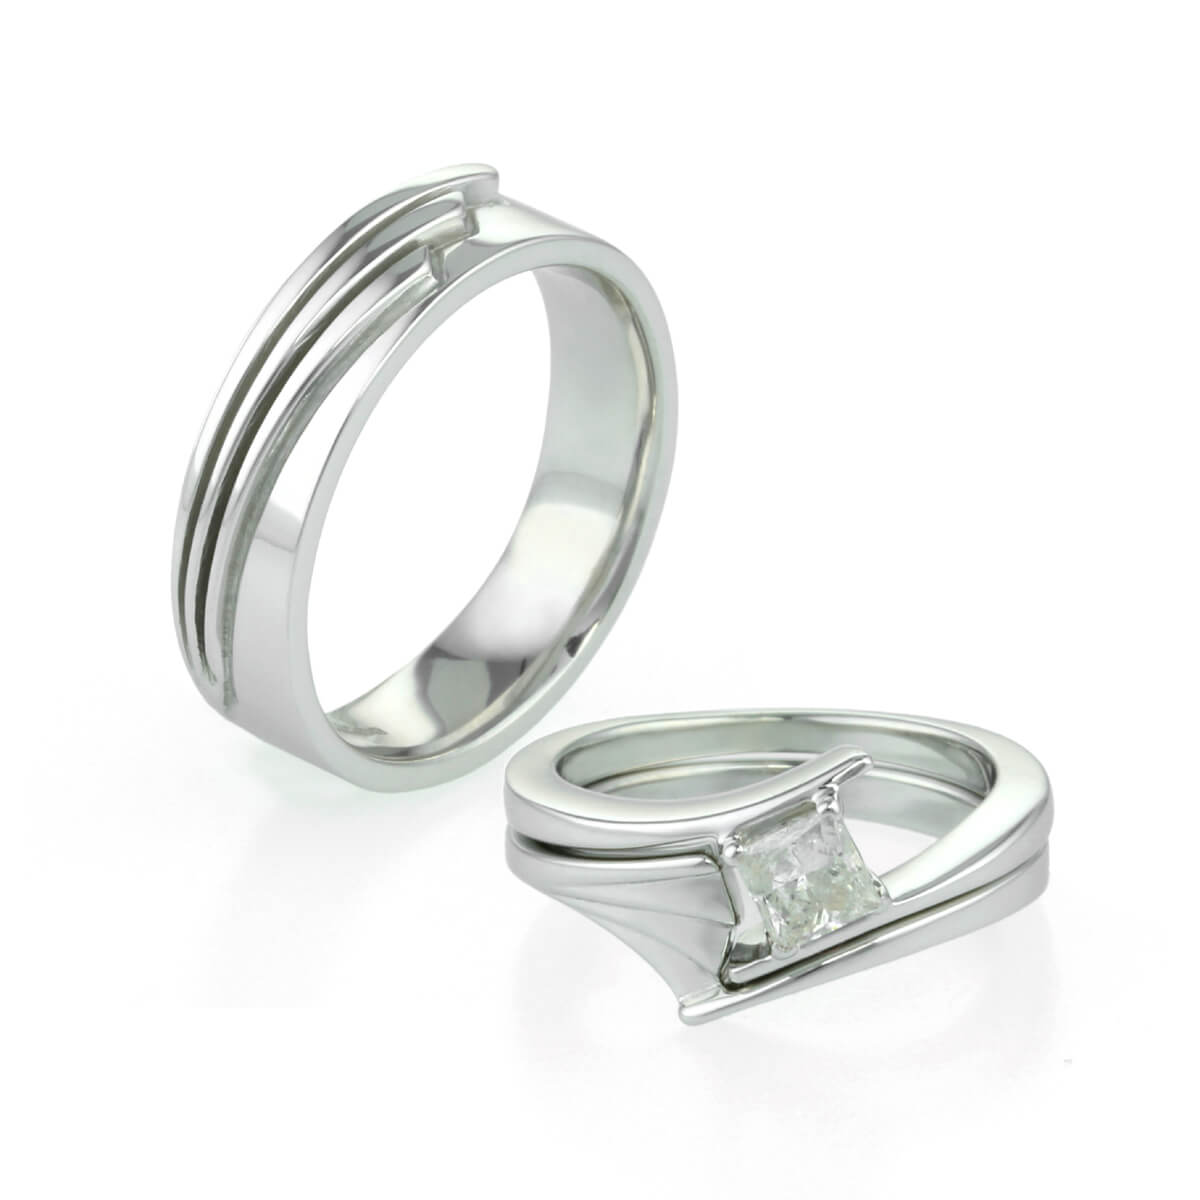 9ct white gold matching wedding rings